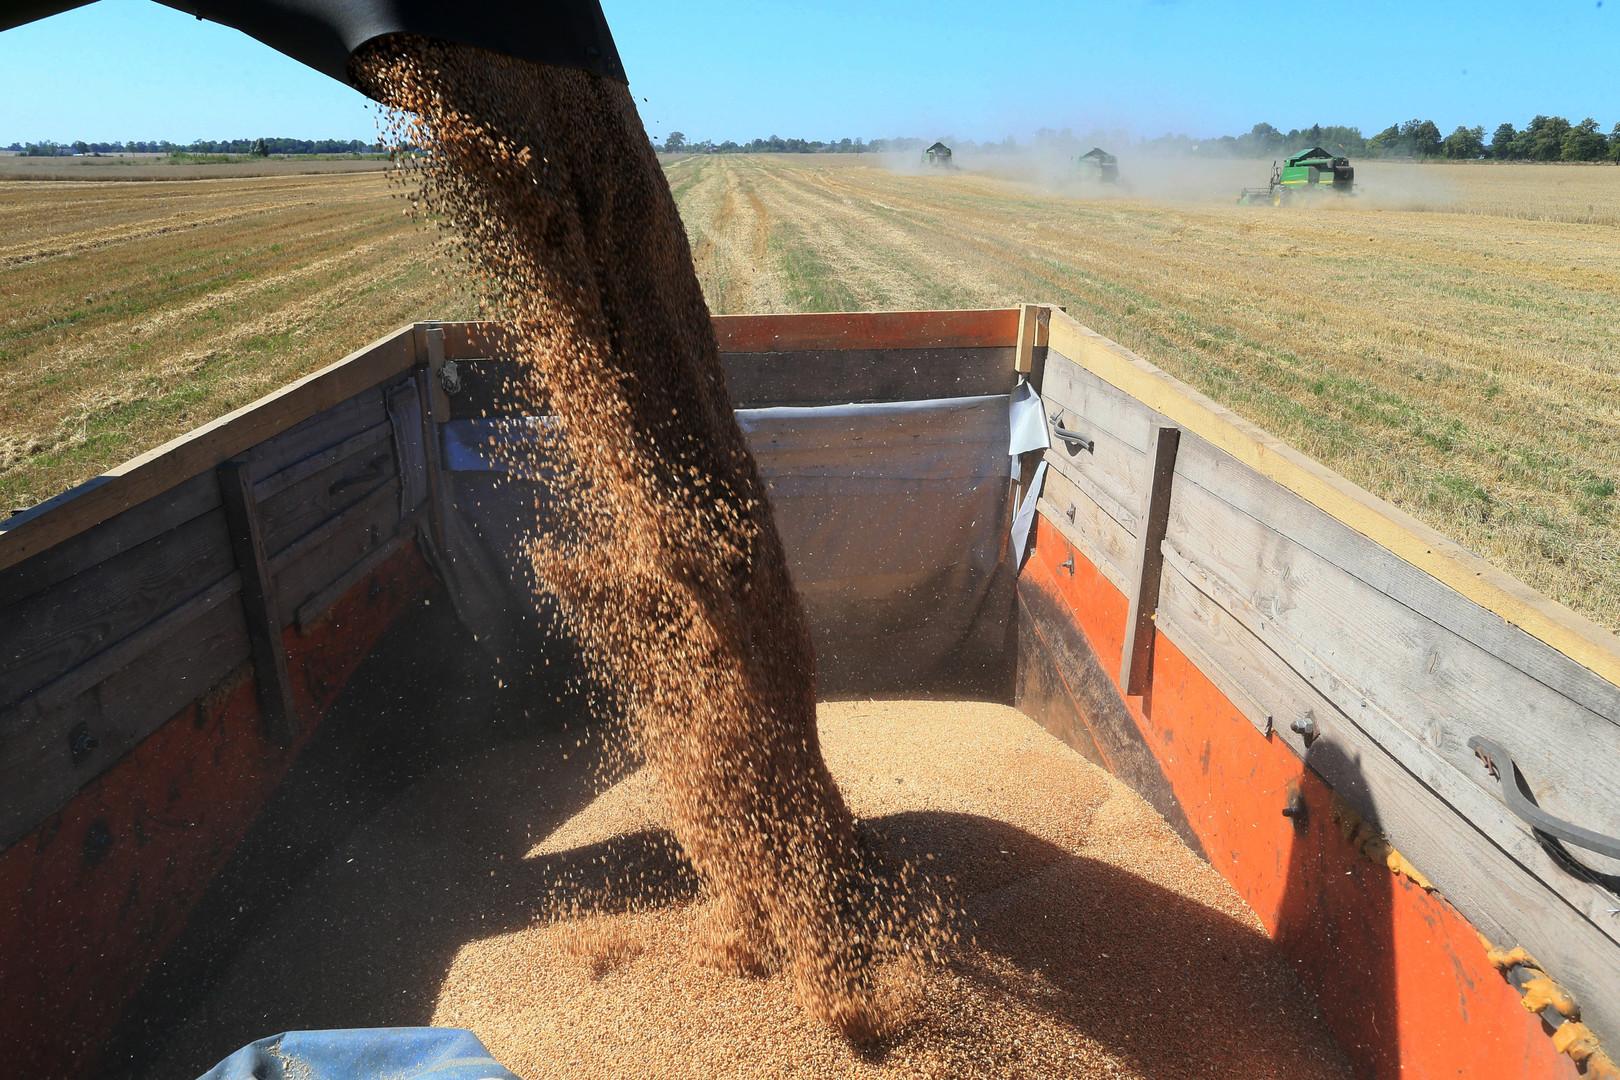 Россия поставит в Китай пшеницу, рис и пресную воду